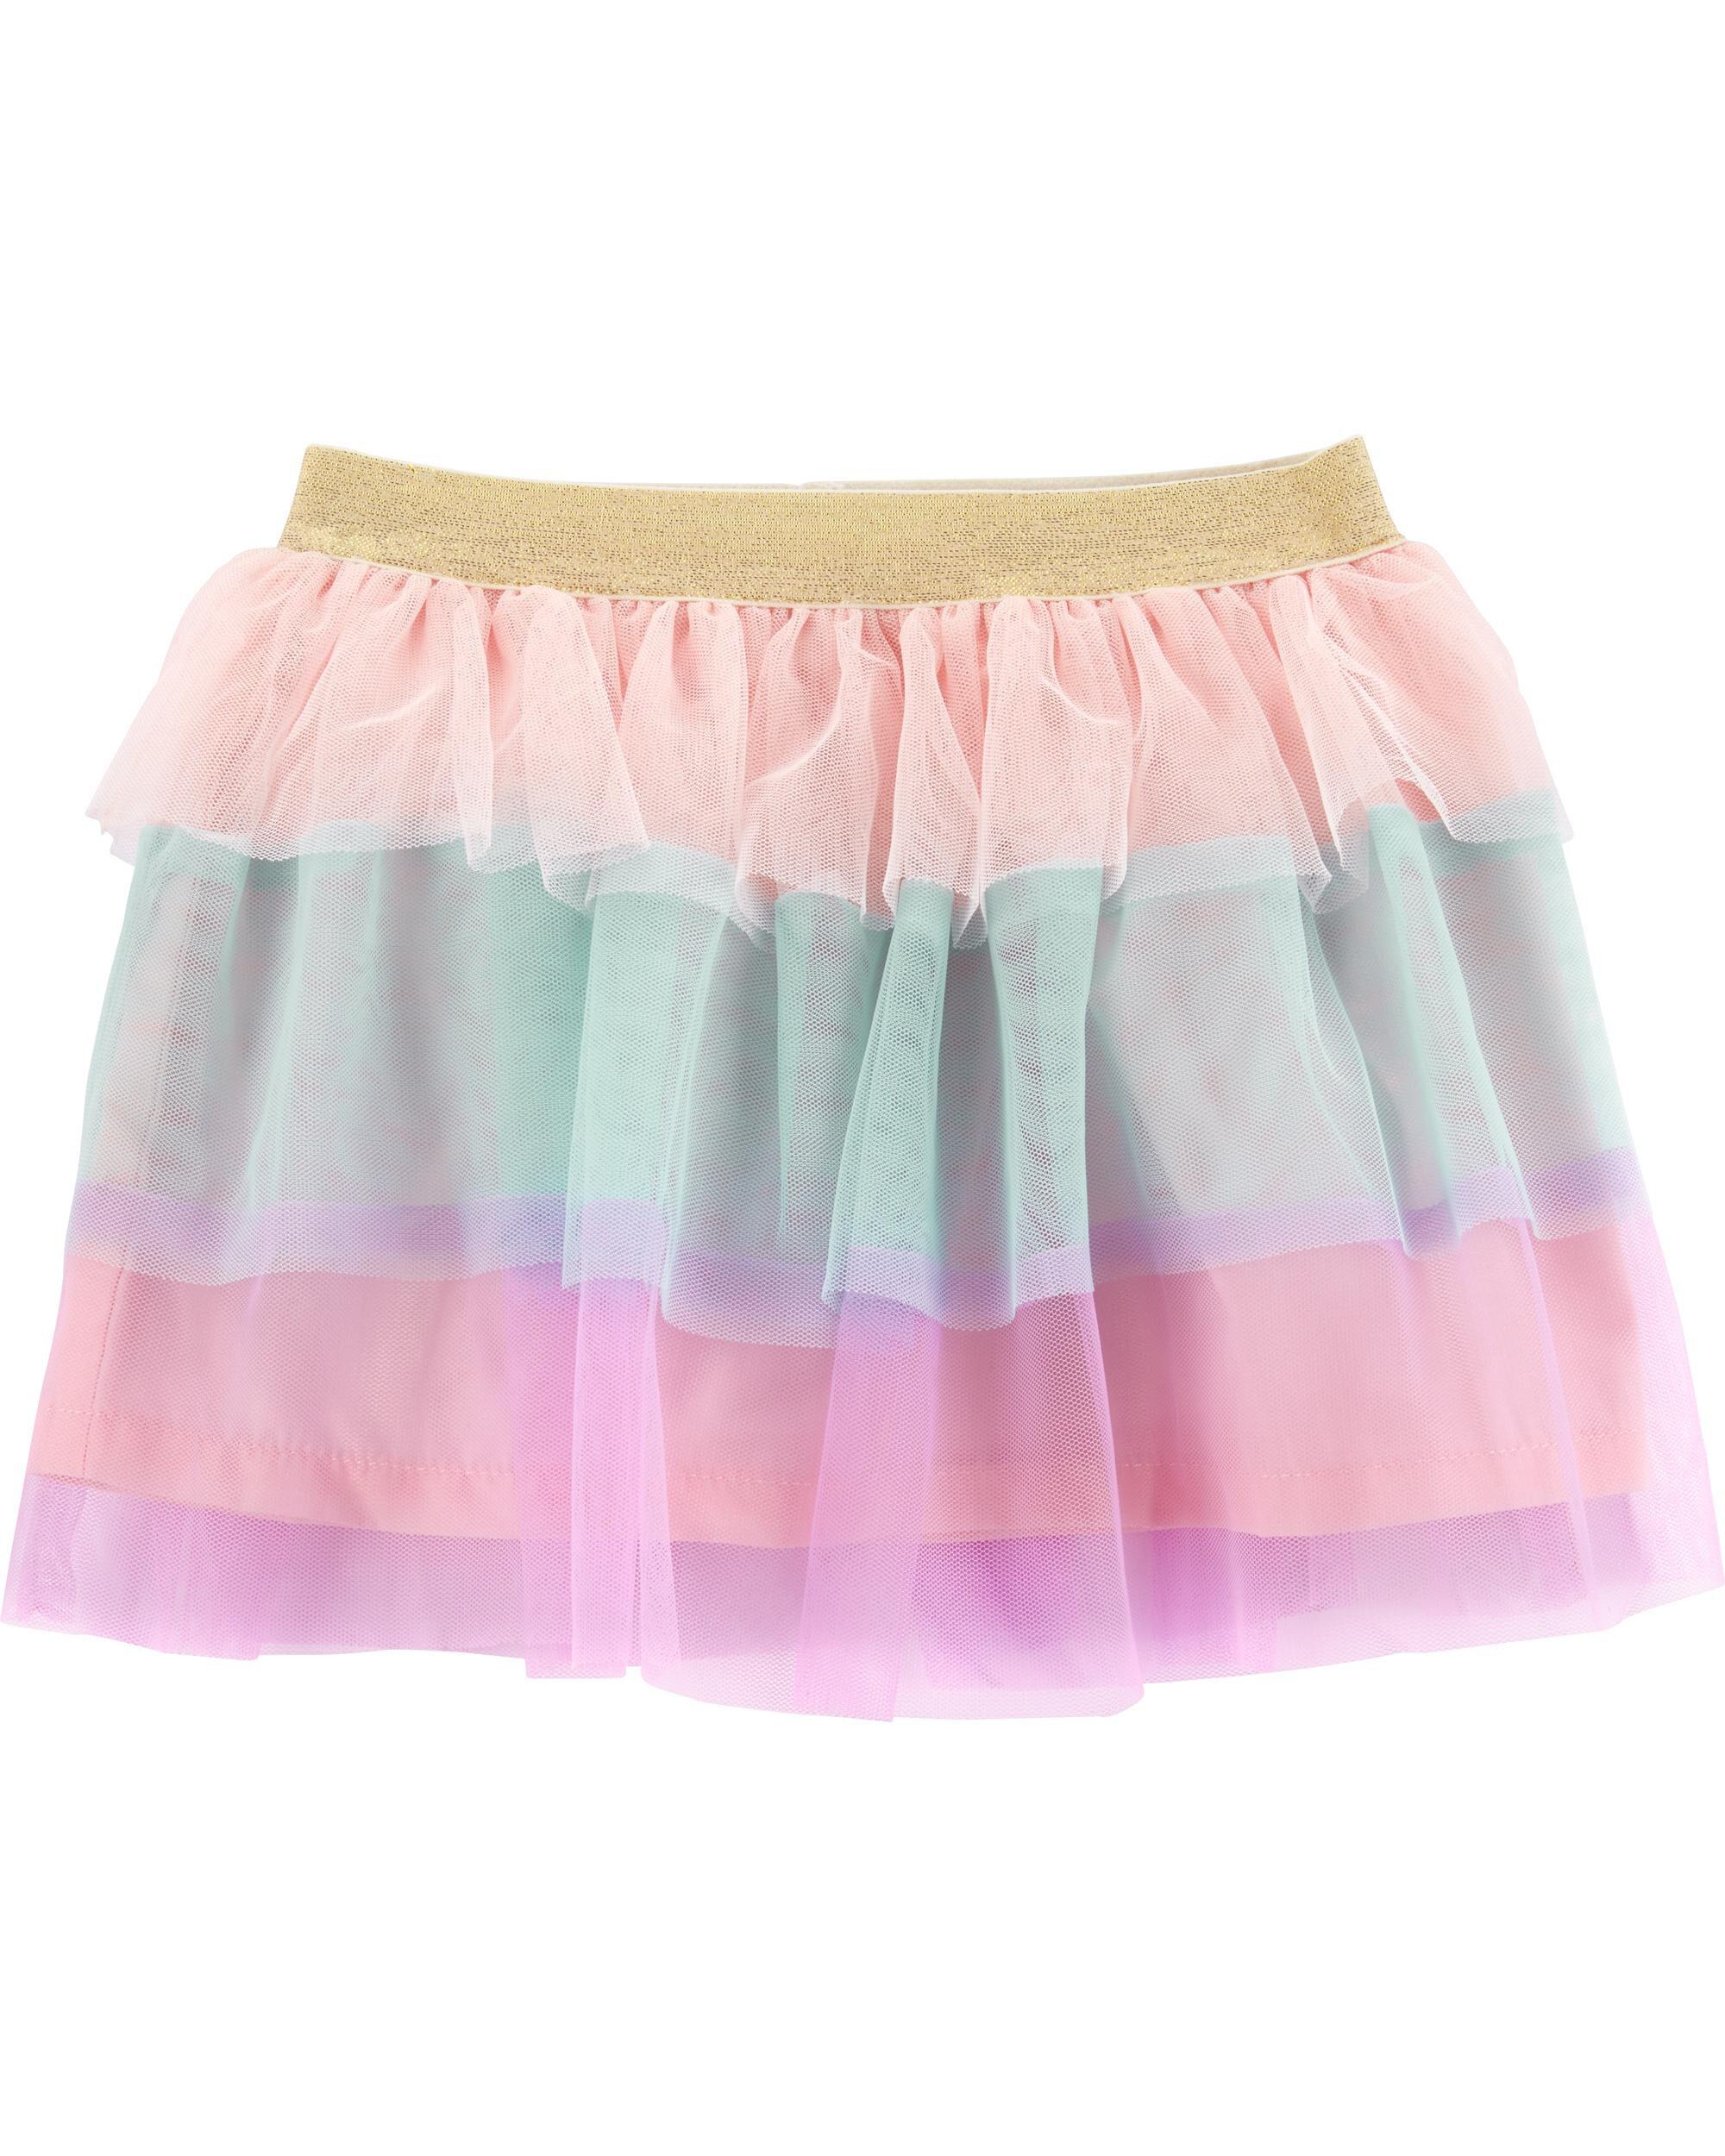 1984c0c6e Rainbow Tulle Skirt | Carters.com